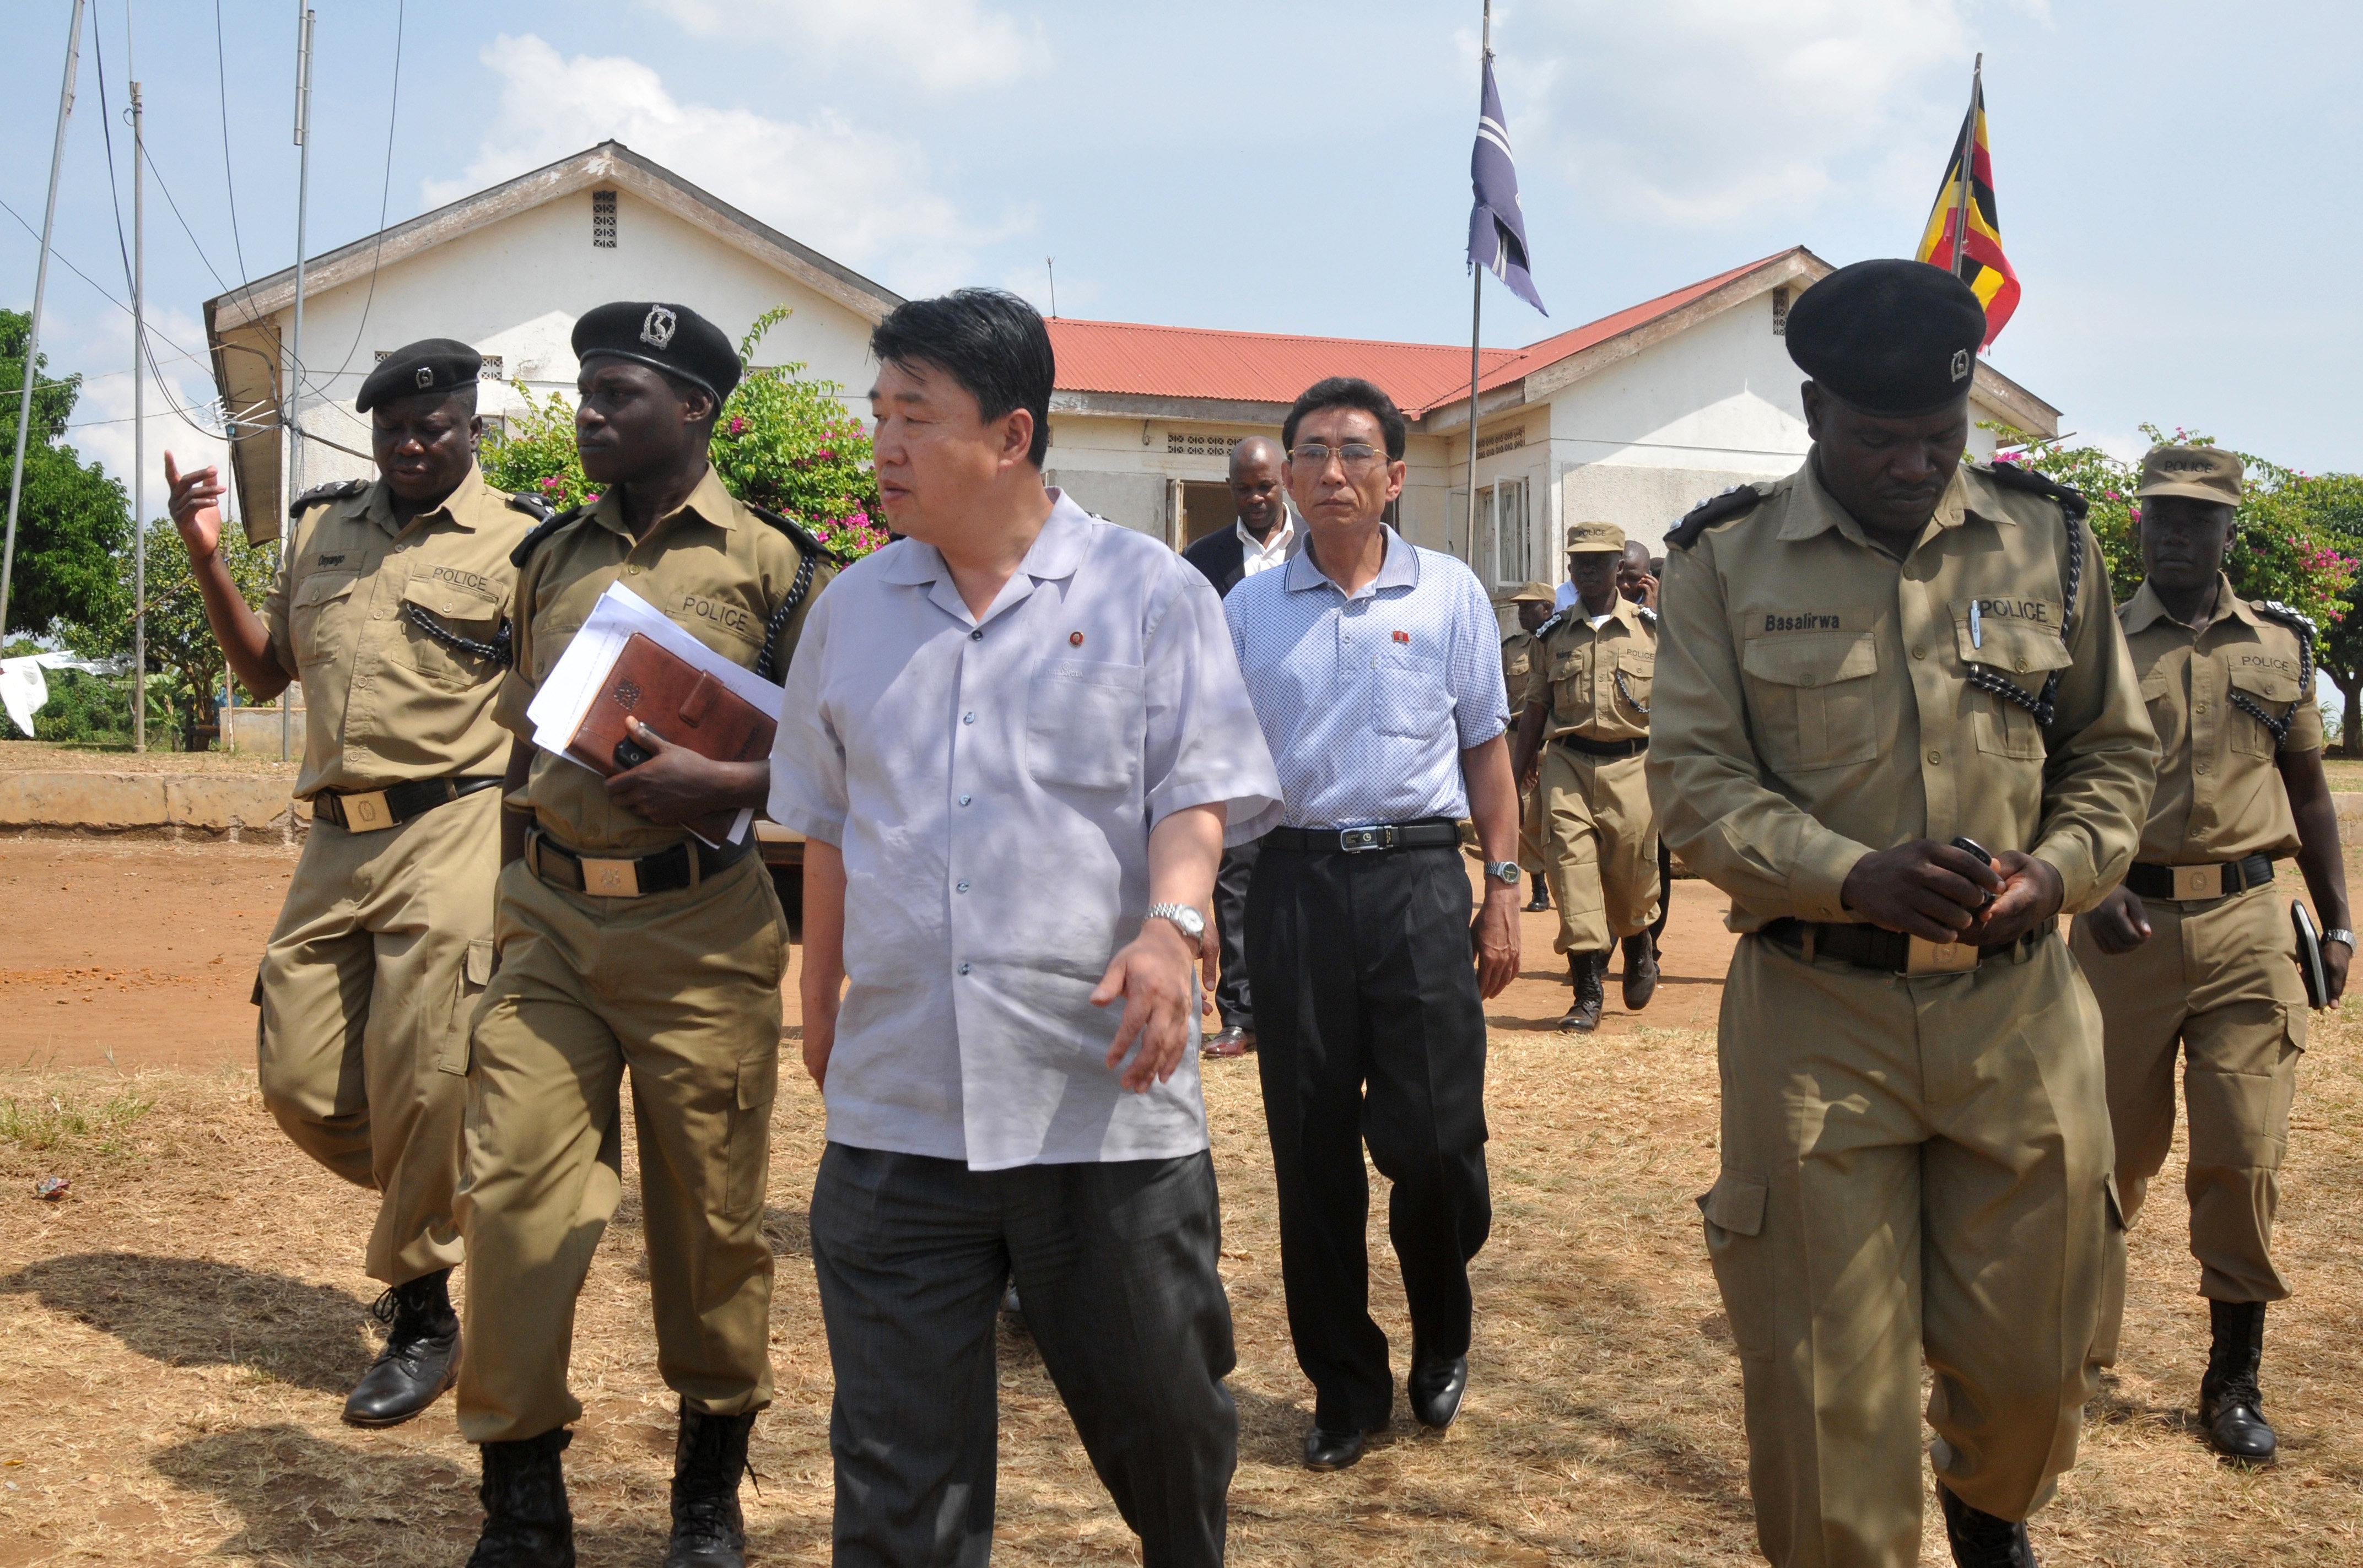 Vice-ministro de Segurança Popular norte-coreano, Ri Song Chol, visita a academia de treinamento de polícia em Kampala, Uganda, junho de 2013